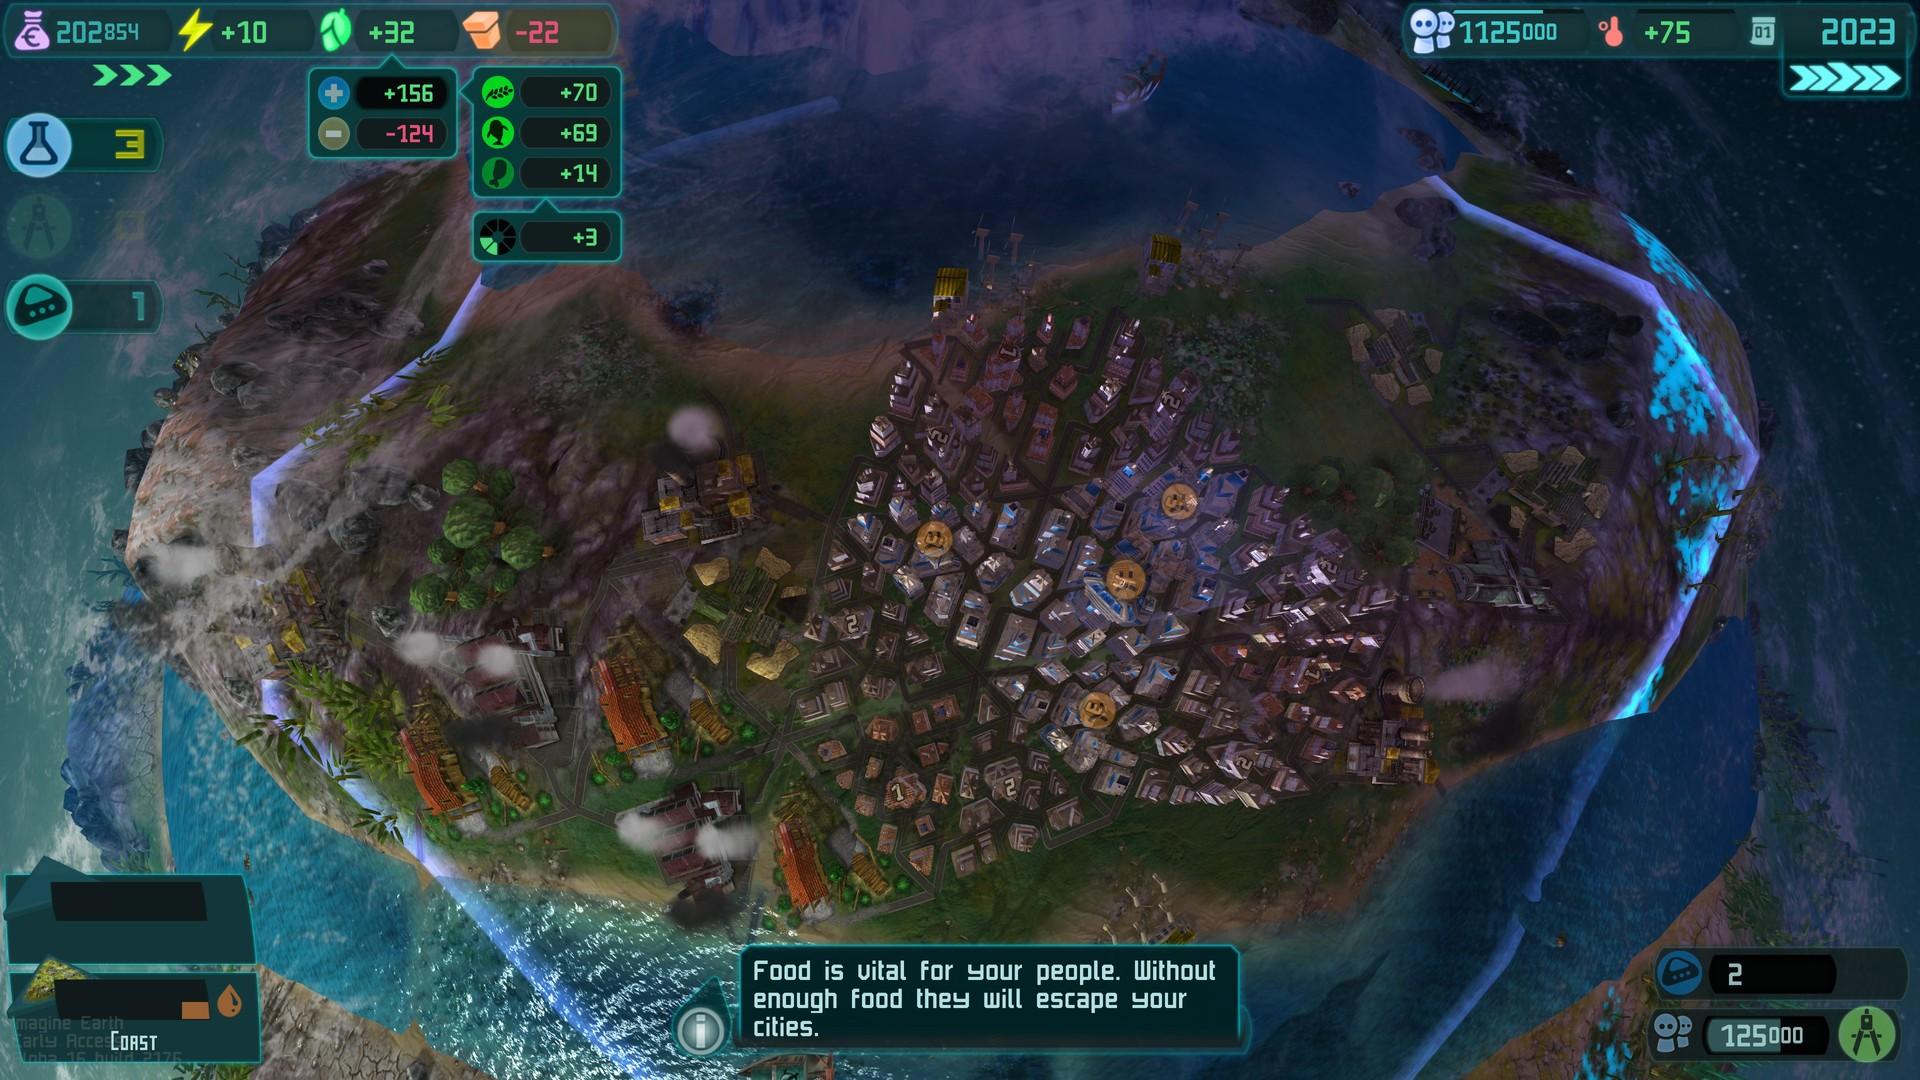 Скриншот Imagine Earth Alpha 23 (b2050) скачать торрентом